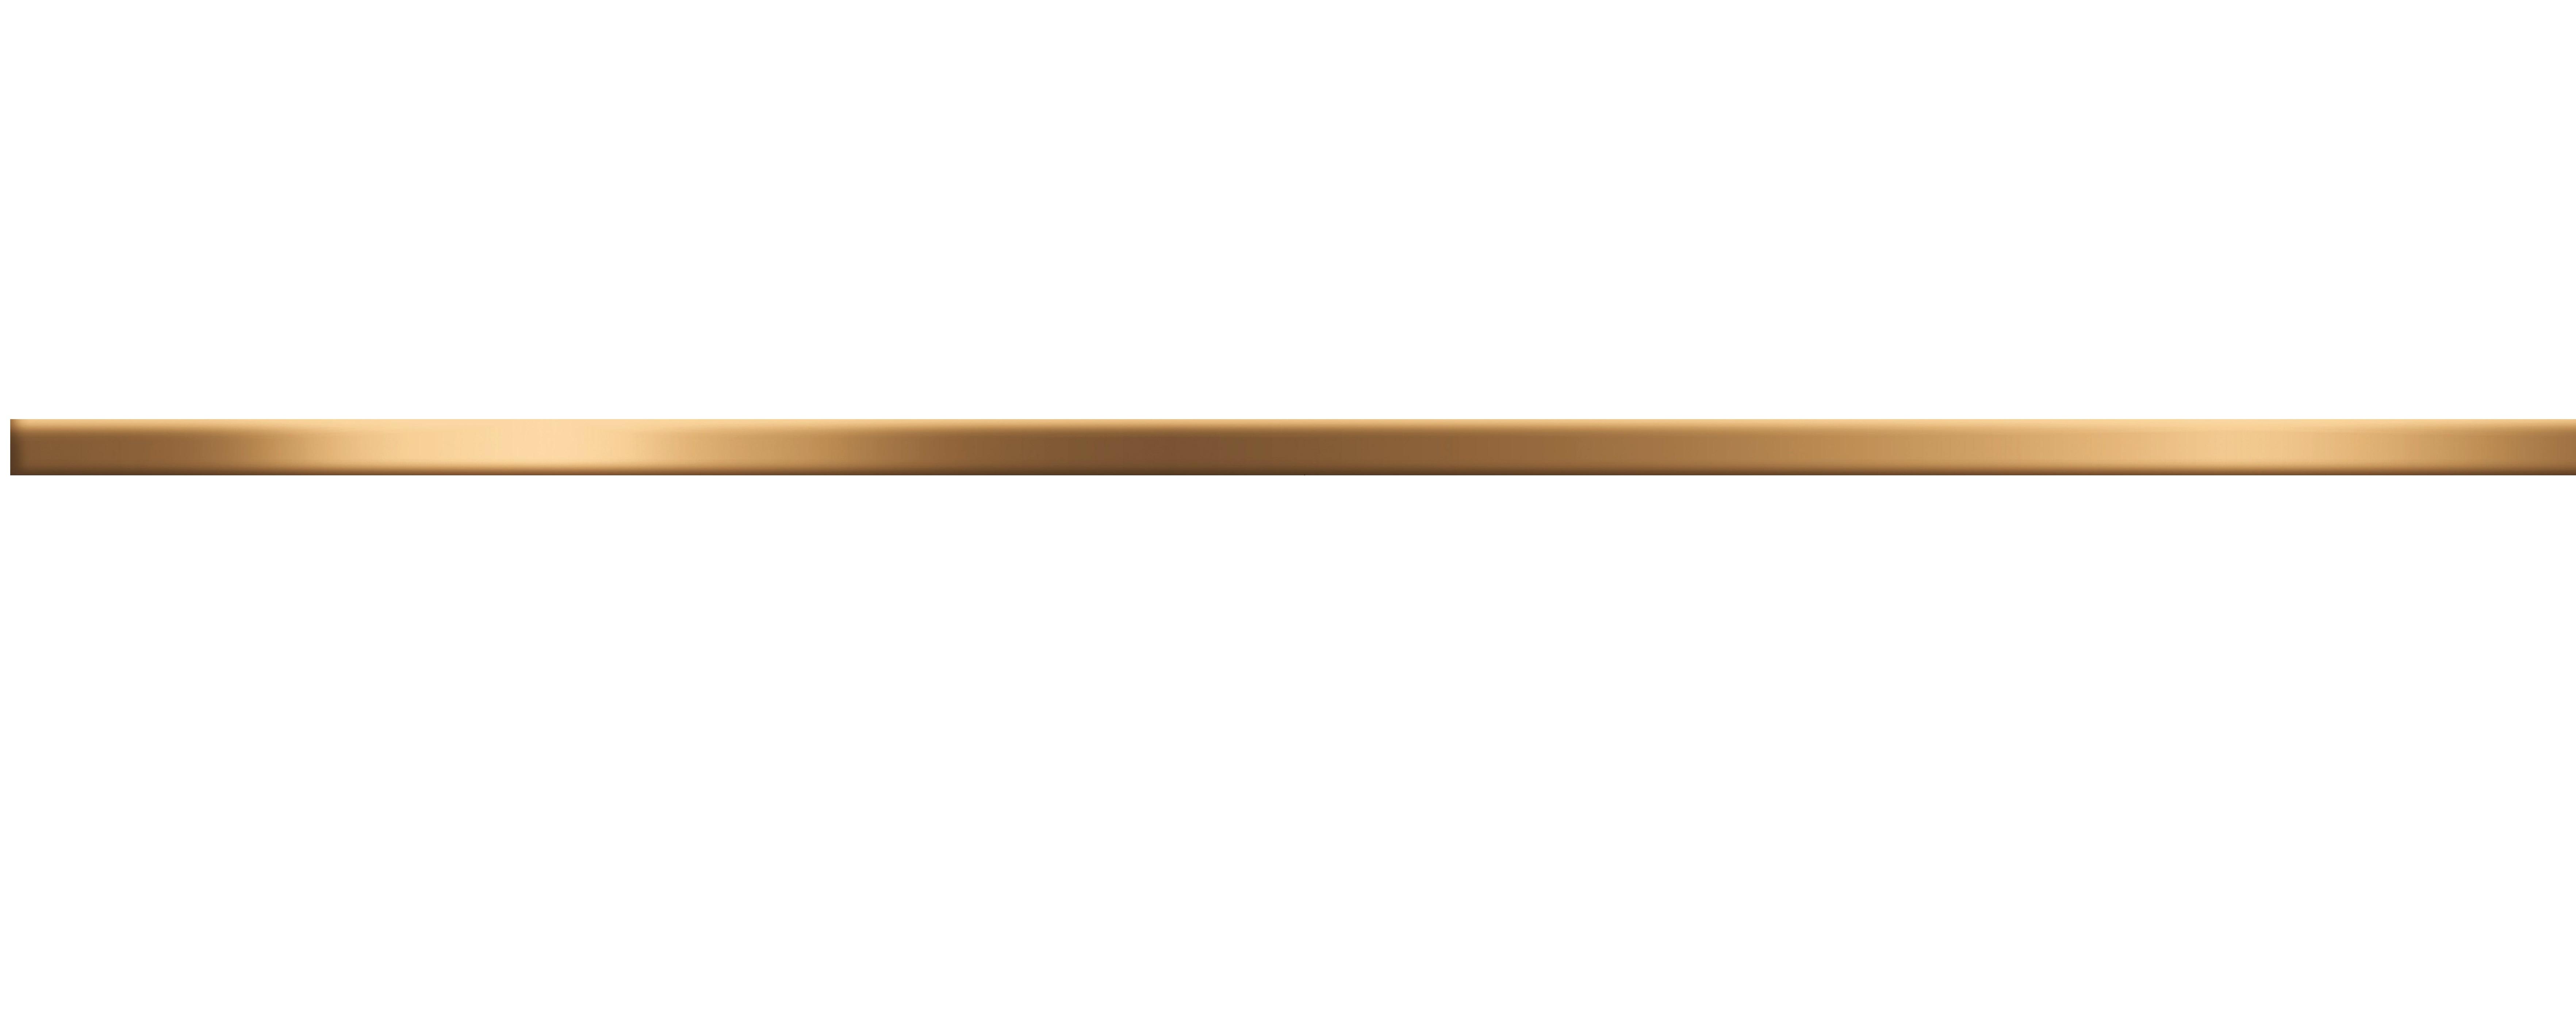 Купить Керамическая плитка AltaСera Palm Tenor Gold BW0TNR09 бордюр 1, 3x60, Россия